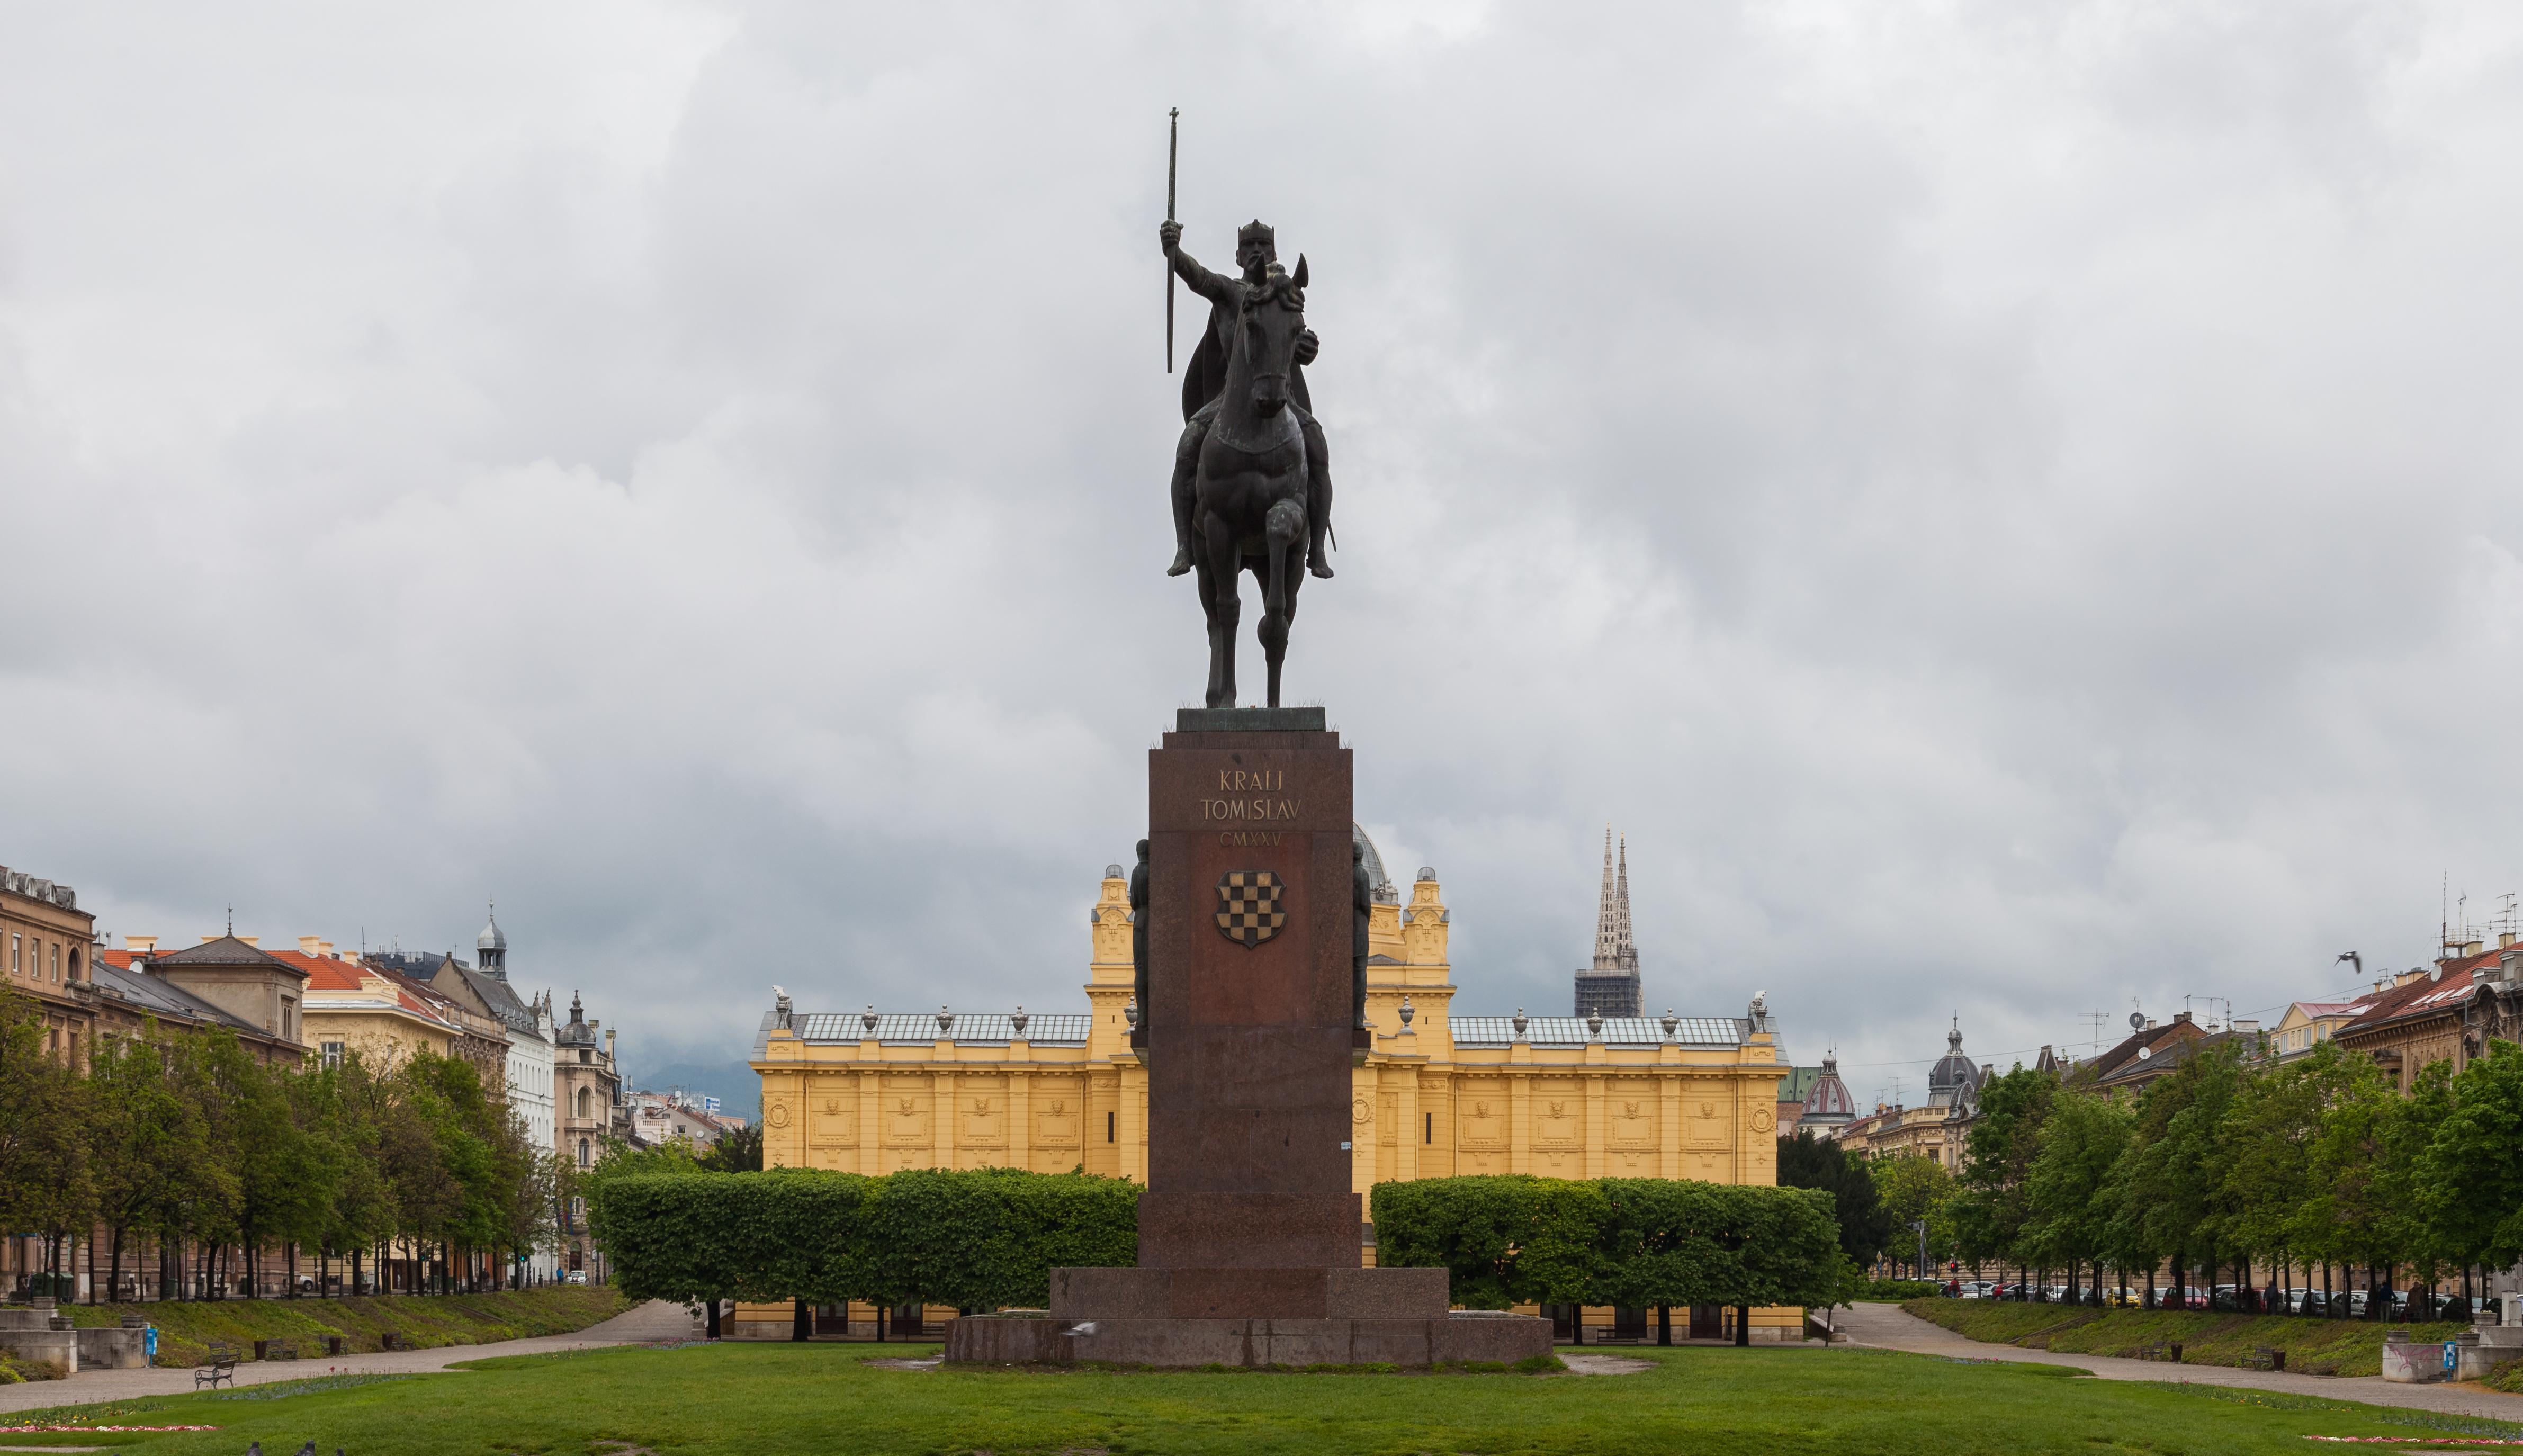 Archivo:Estatua de Tomislav de Croacia, Zagreb, Croacia, 2014-04-20 ...